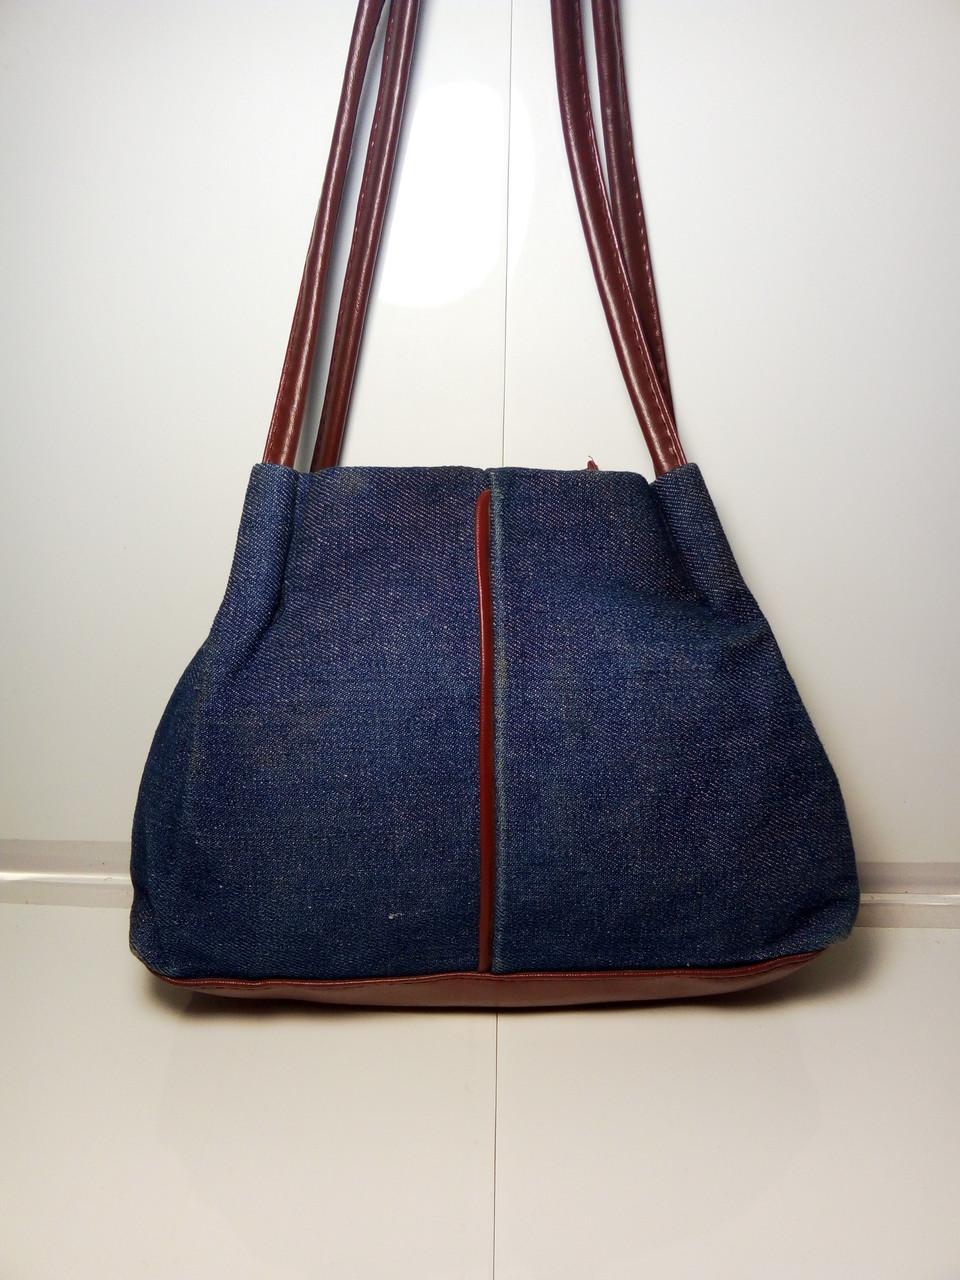 9f6e55e210a6 Оригинальная женская сумка с темными ручками «Джинс» 20х26 см ...